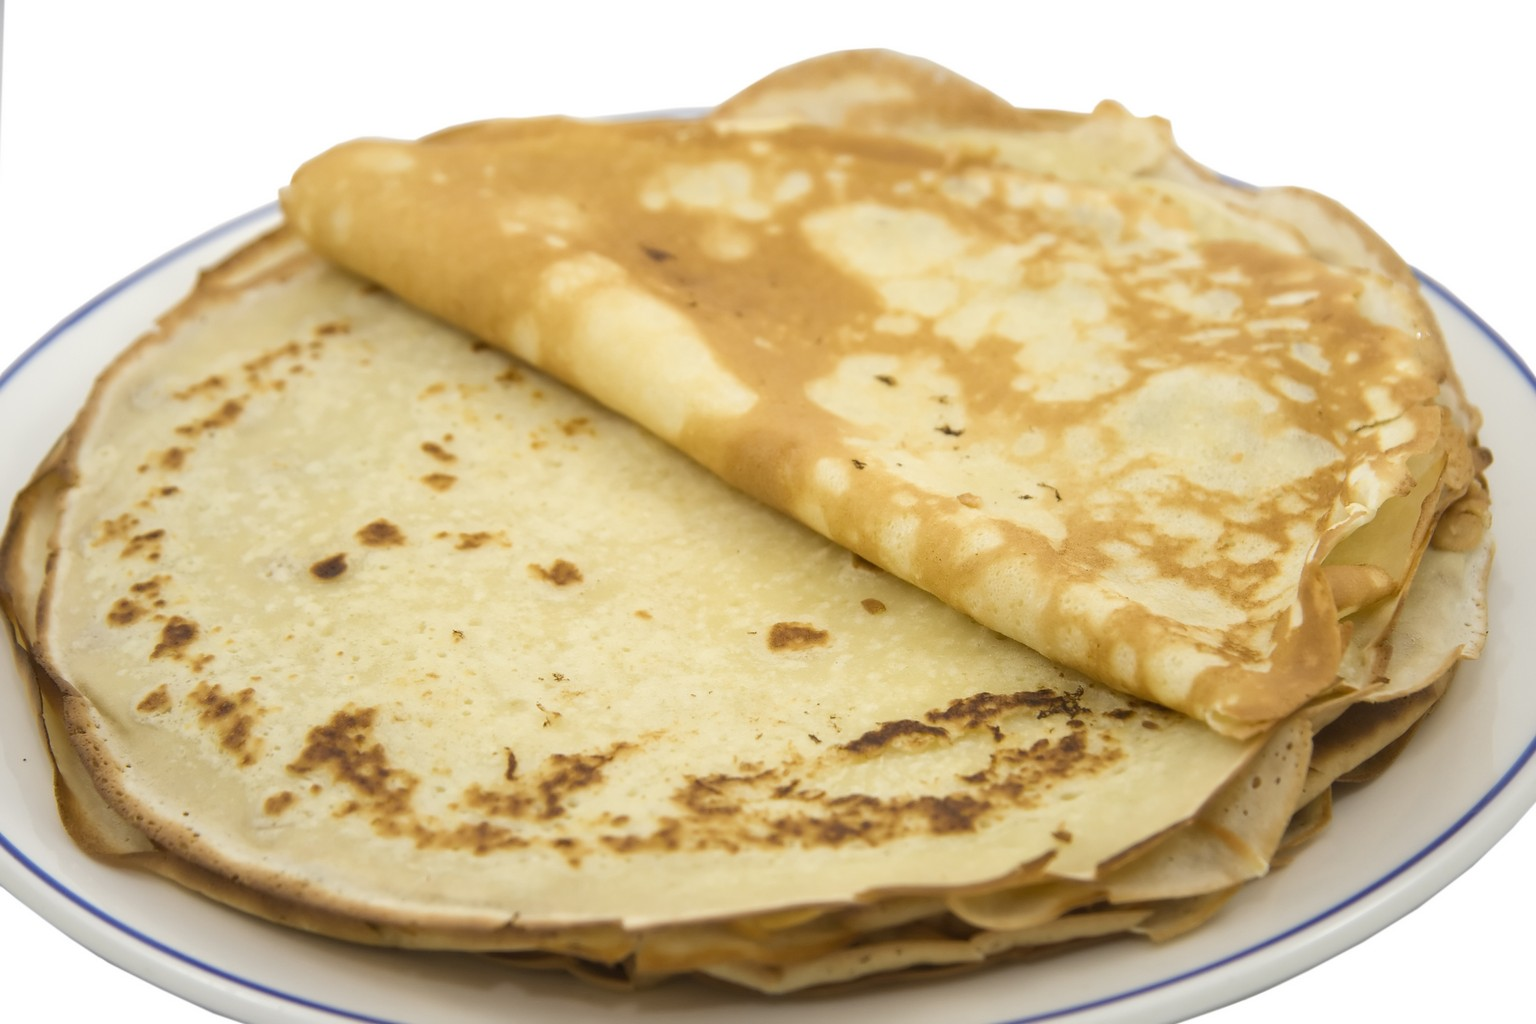 Crêpes con harina de avena sabor gofre y chocolate blanco con Thermomix® Las Palmas